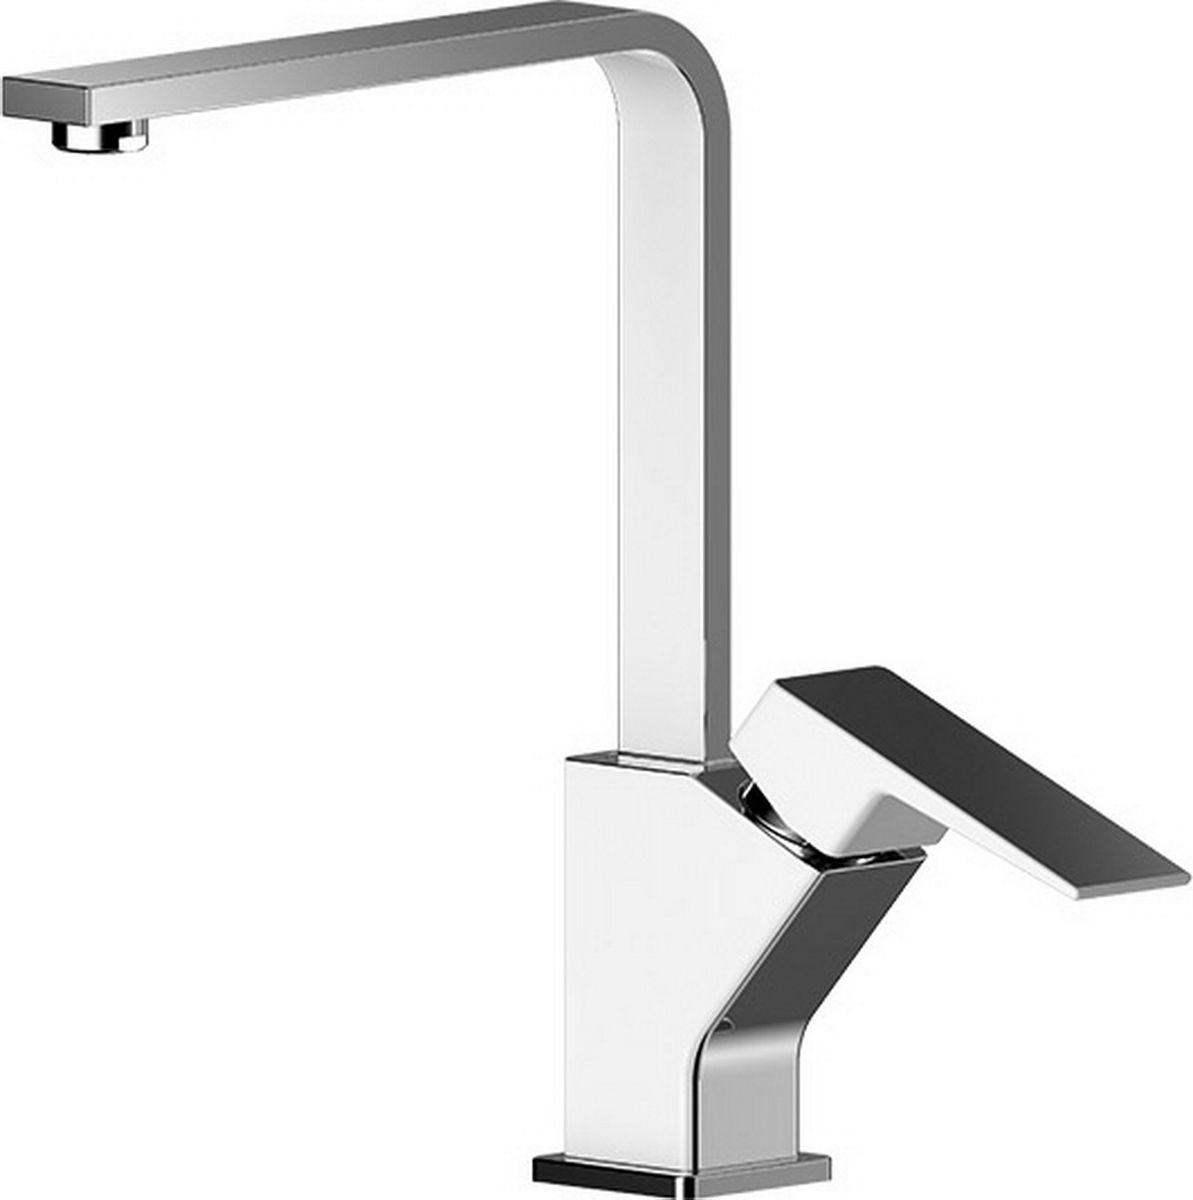 Смеситель для кухни Argo Grano, высота излива 27,85 см68/5/3Смеситель для кухни Argo Adam предназначен для смешивания холодной и горячей воды, устанавливается на мойку. Выполнен из высококачественного металла с покрытием из никеля и хрома.В комплекте гибкая подводка Mateu (длина 50 см) и ключ для демонтажа аэратора.Запорный механизм: картридж d-35 мм LongTop-size SEDAL (Испания)Аэратор: М24х1 наружная резьба NEOPERL CASCADE SLC Антикалькар 7,5 - 9 л/мин при 0,3 Мпа Крепеж: двухшточный Double-rod